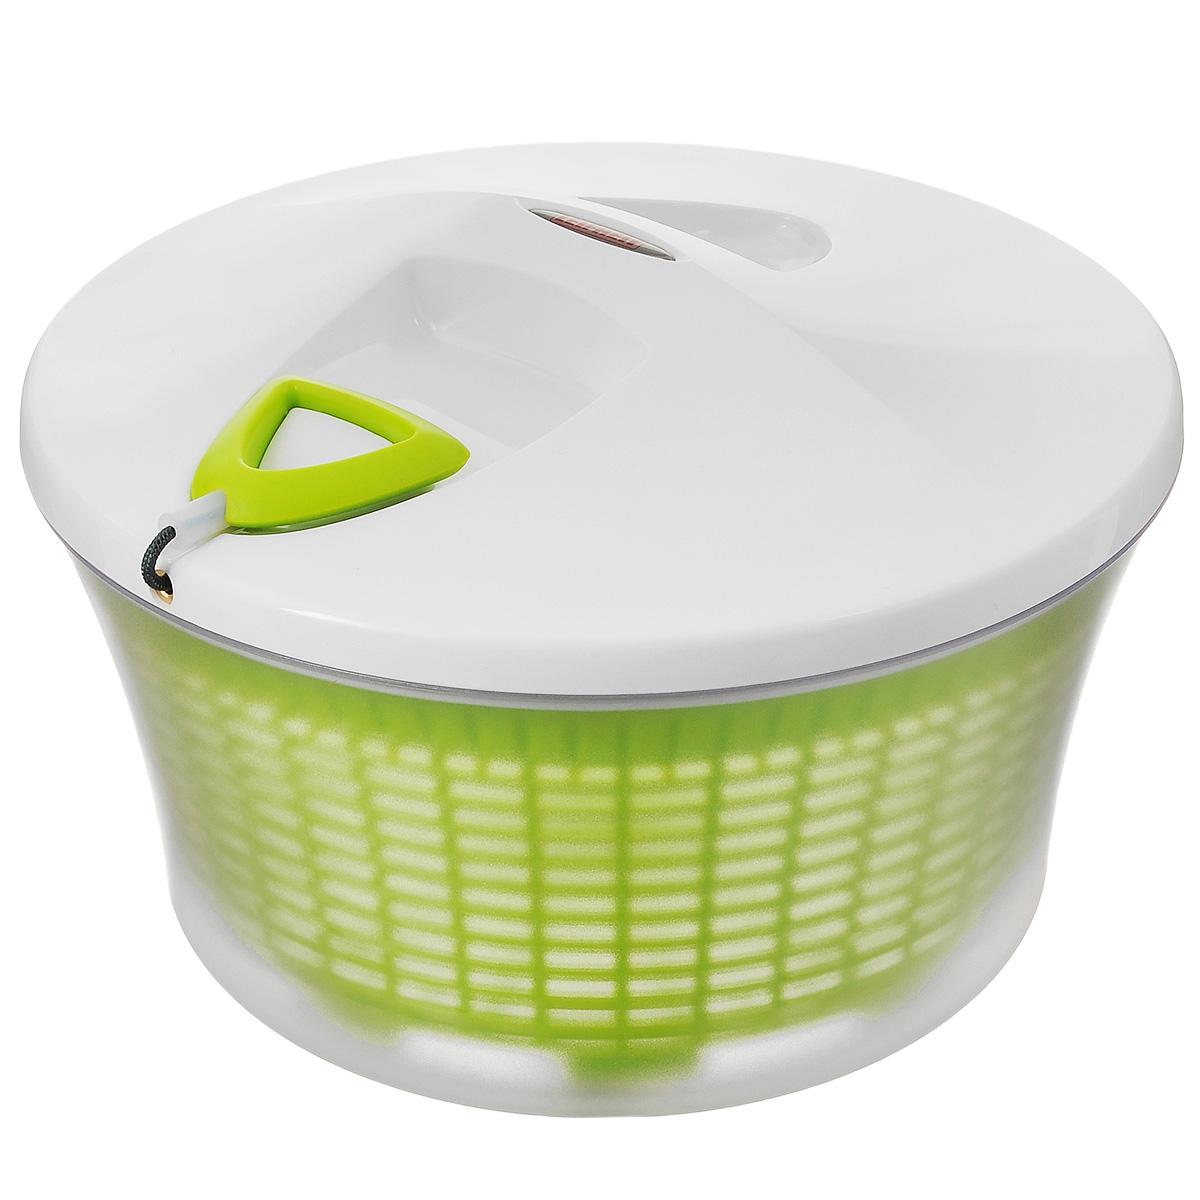 Емкость для сушки зелени Leifheit Comfort Line, цвет в ассортименте, диаметр 27 см емкость для сушки зелени leifheit comfort line цвет белый салатовый диаметр 27 см